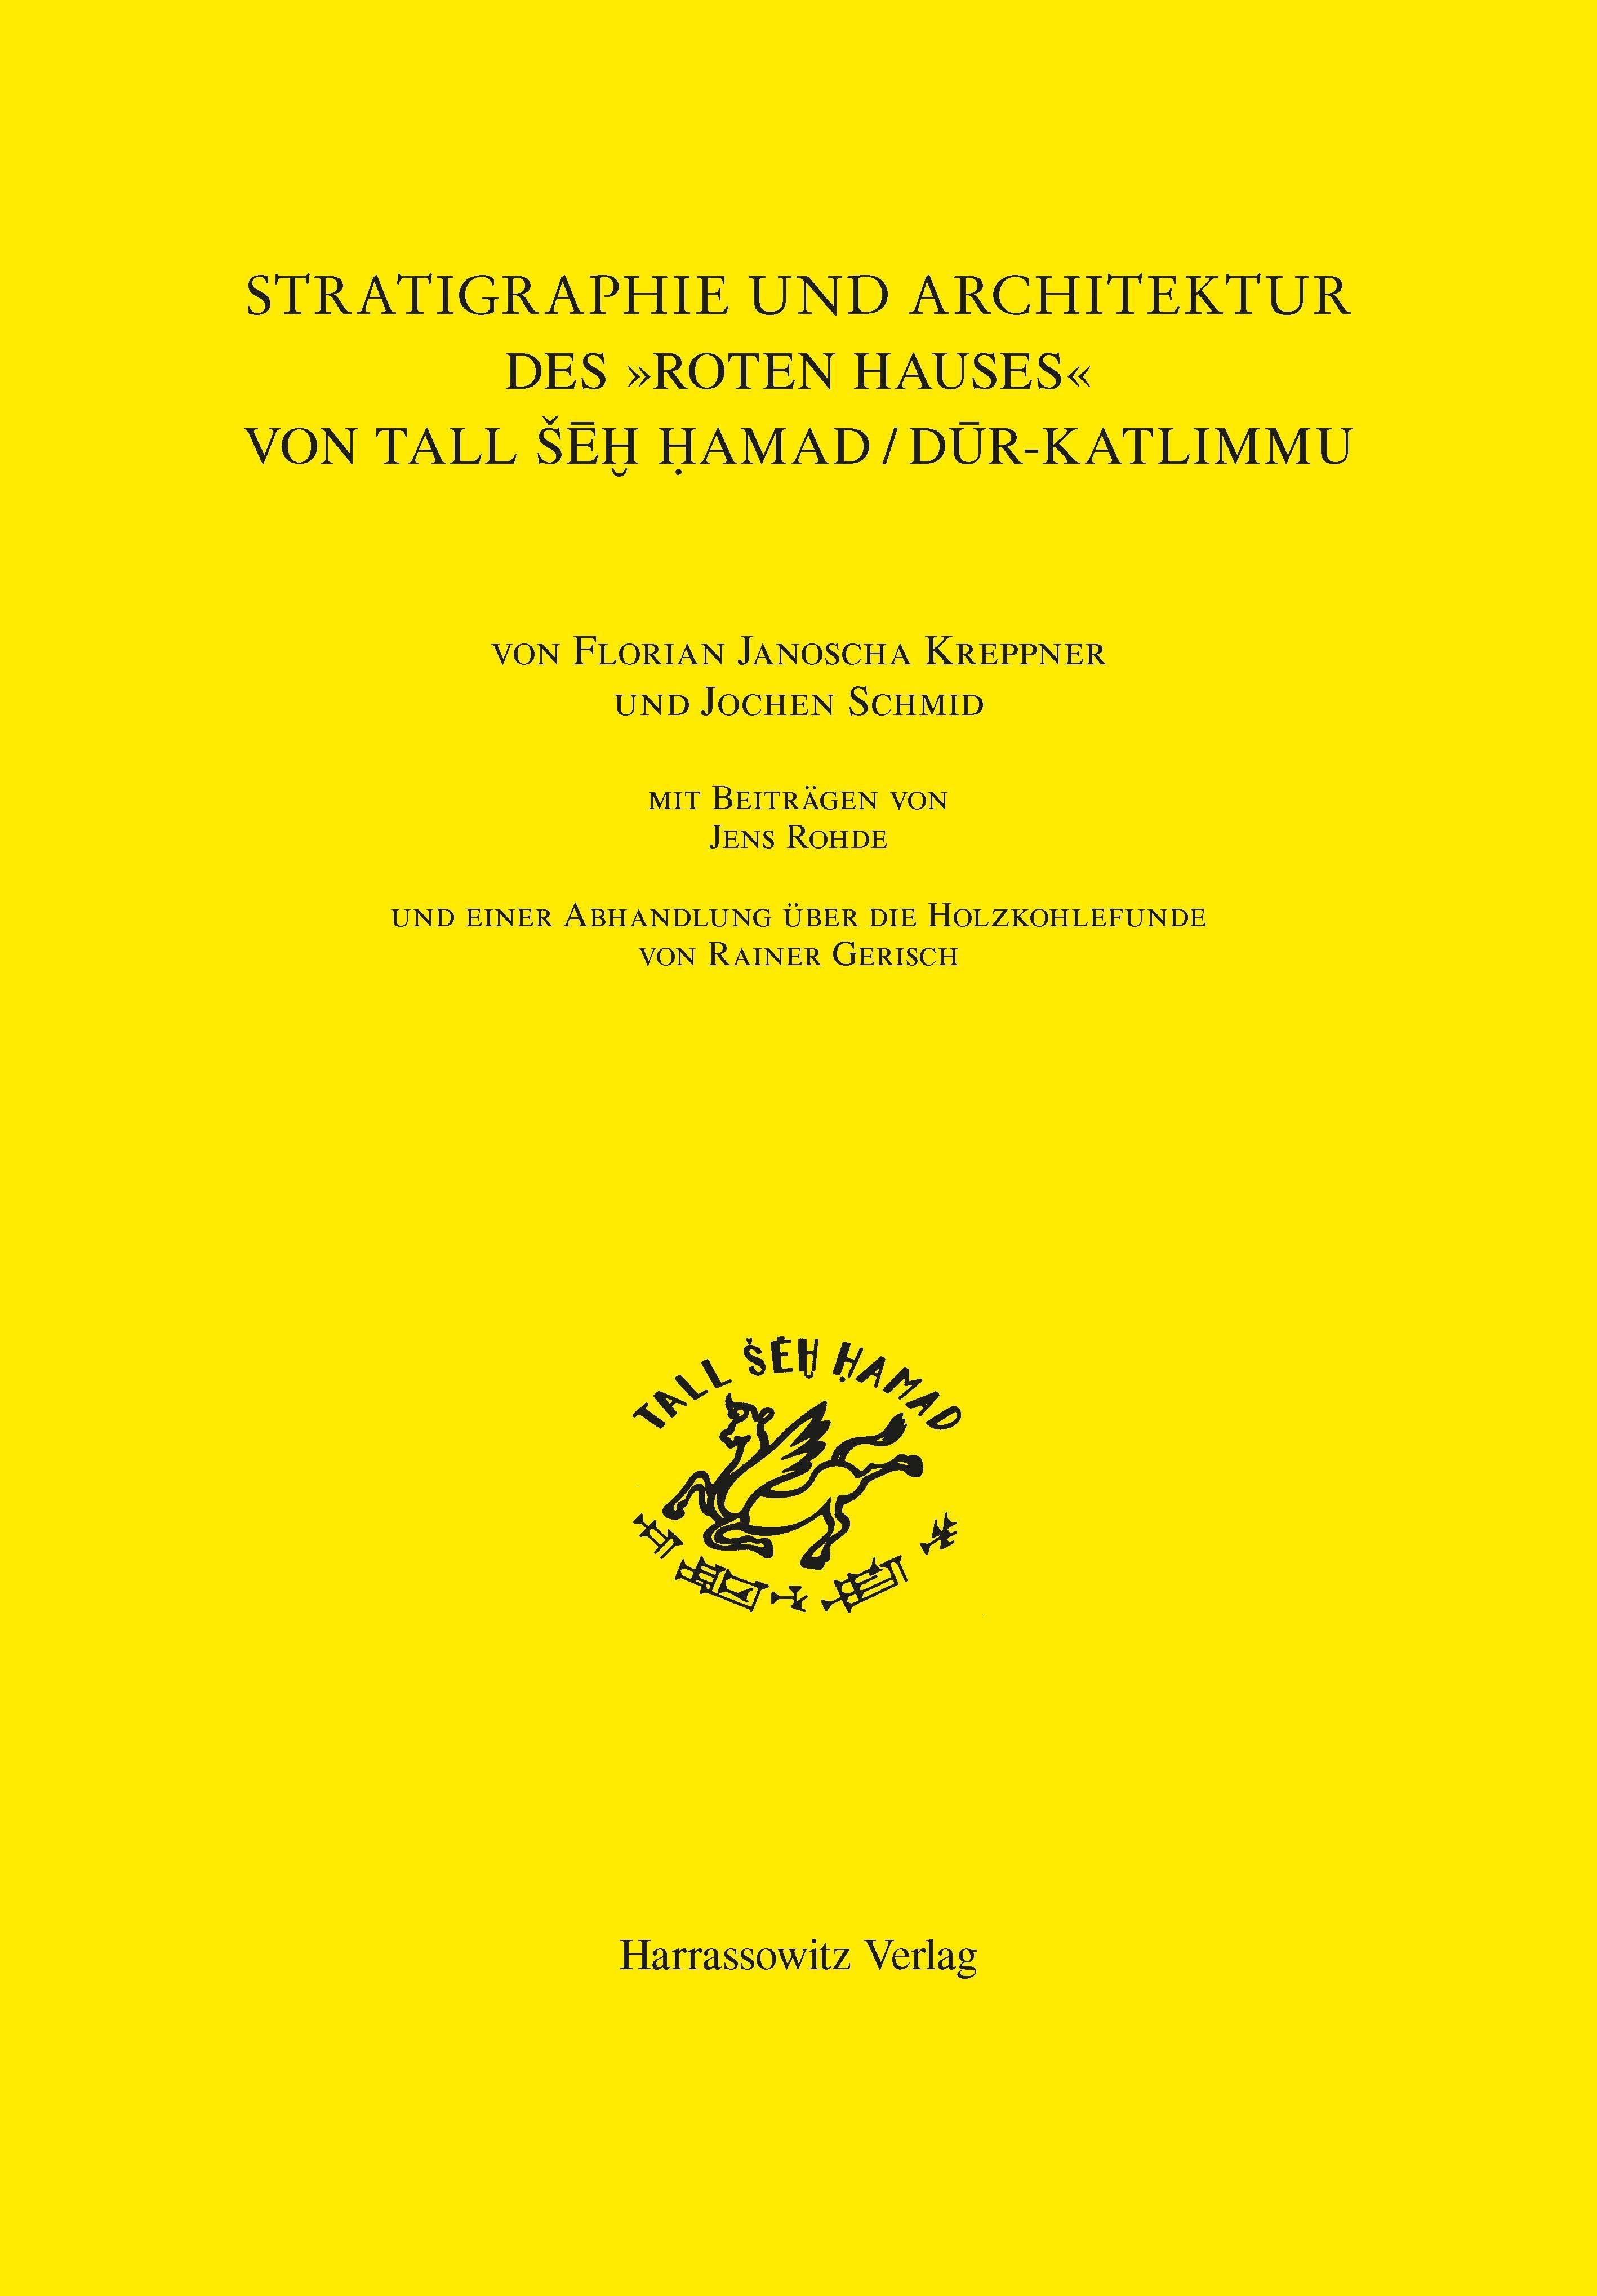 Abbildung von Kreppner / Schmid | Stratigraphie und Architektur des 'Roten Hauses' von Tall ŠeH Hamad / Dur-Katlimmu | 2014